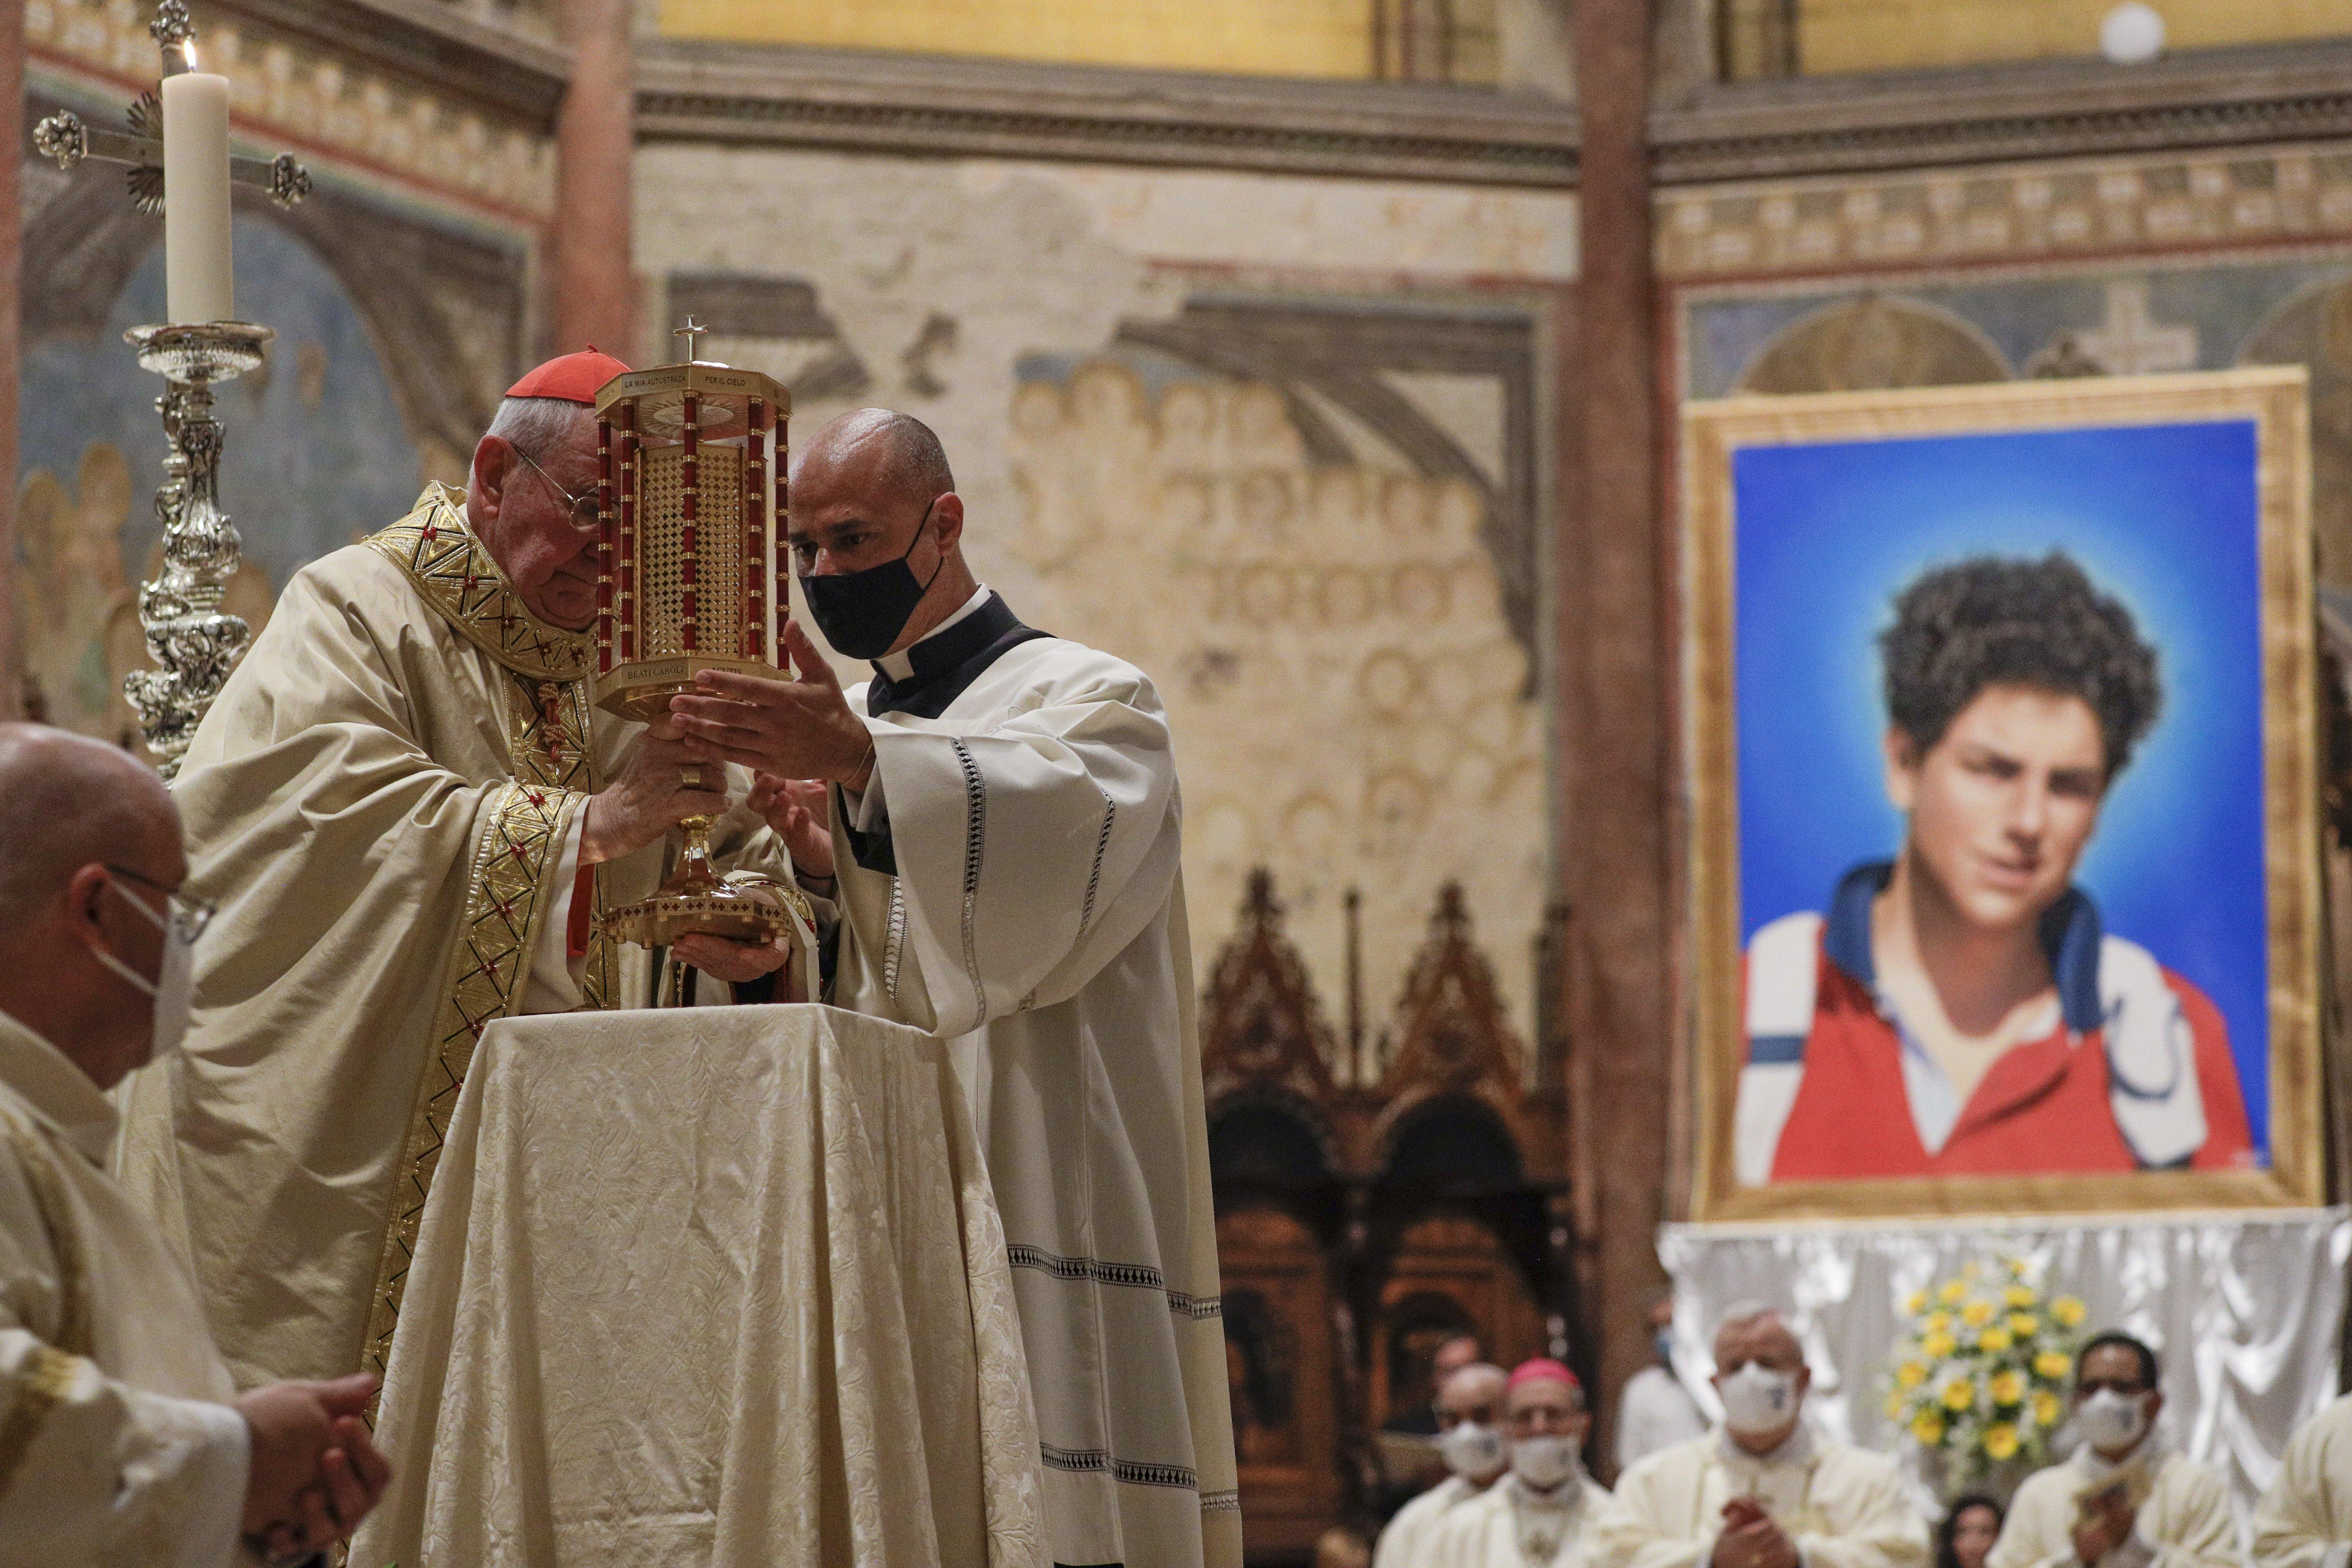 El cardenal Agostino Vallini, durante la beatificación de Carlo Acutis, en la basílica de San Francisco, en Asis.